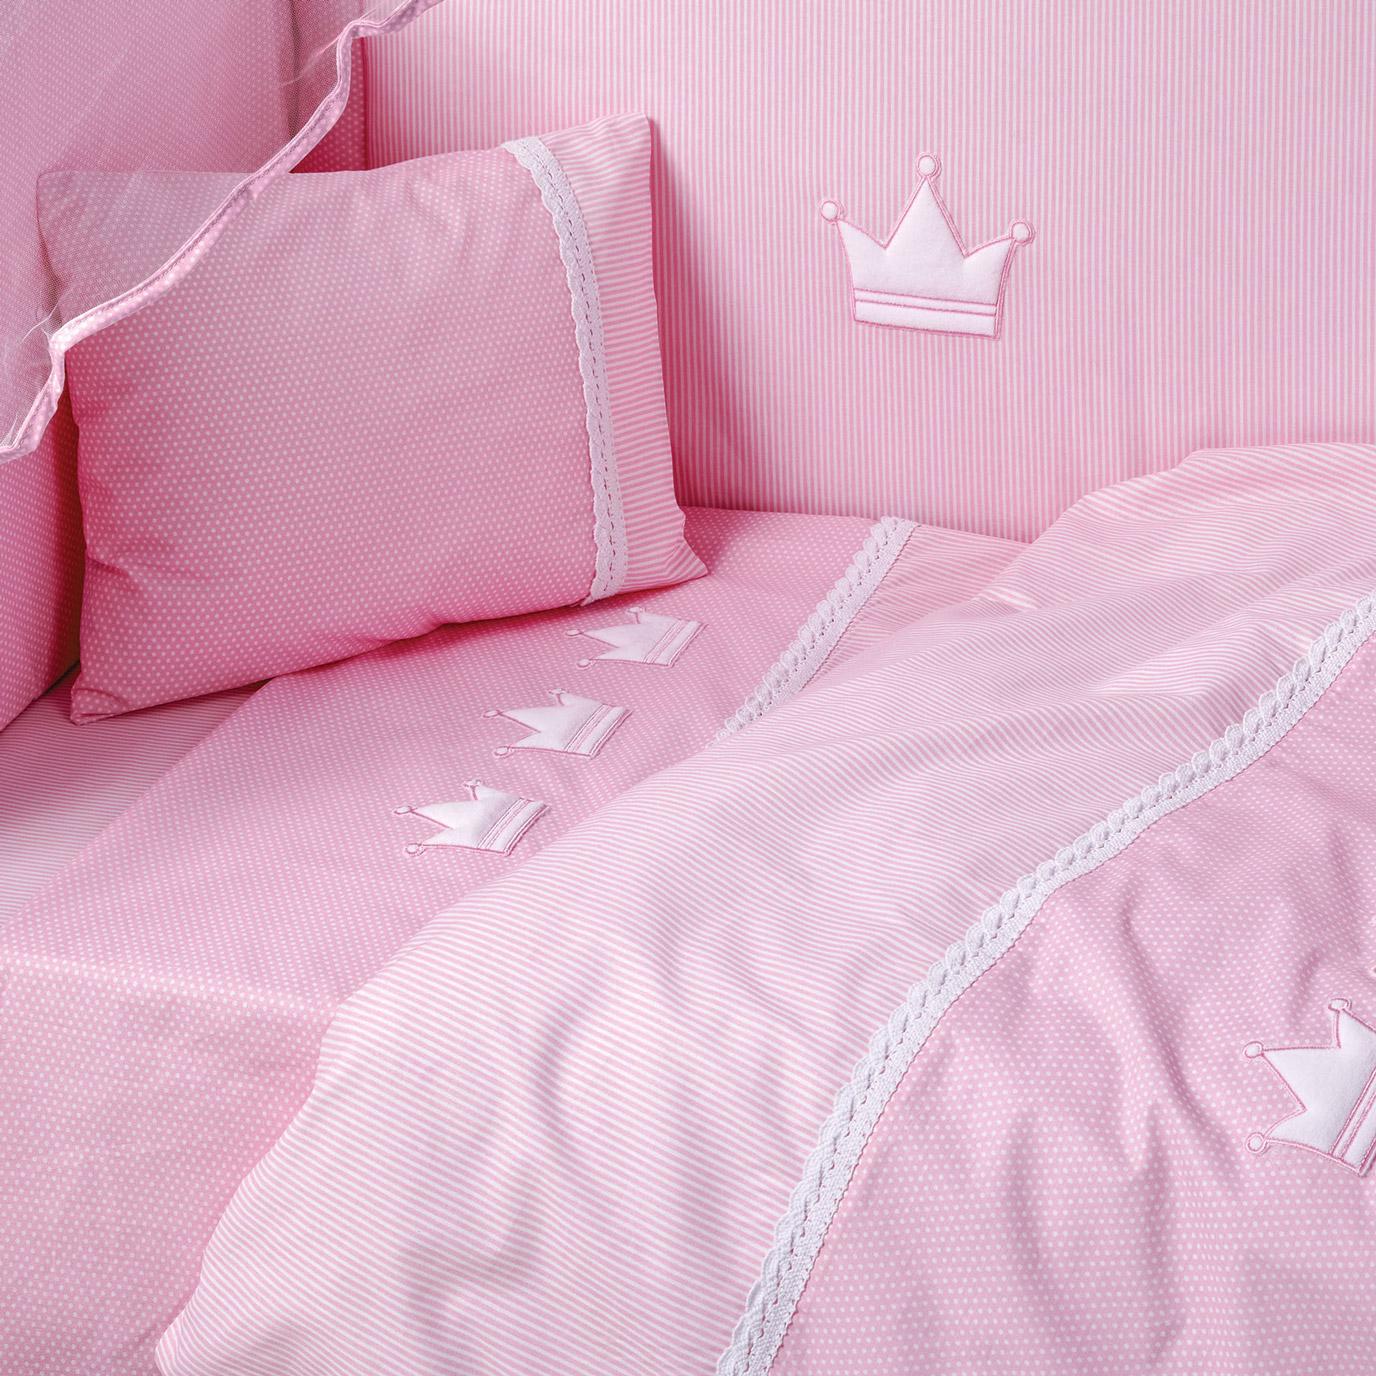 Παπλωματοθήκη Κούνιας (Σετ) 100X140 Kentia Loft Bambino 14 Ροζ